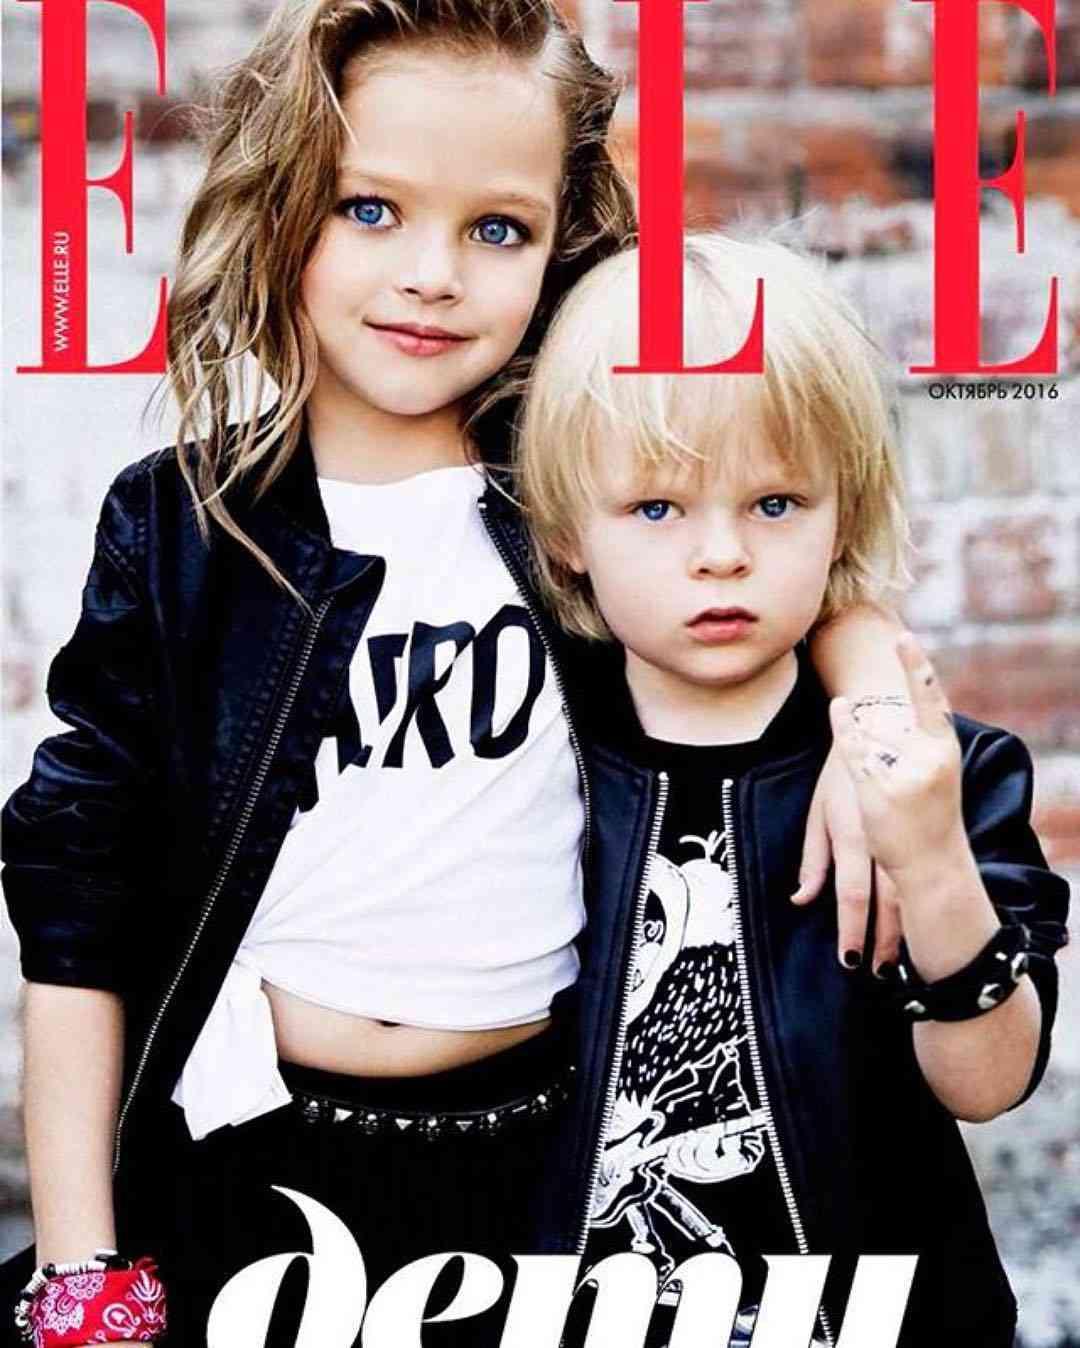 なんだ、ただの天使かよ!銀盤の皇帝プルシェンコの息子が美少年すぎると話題に!